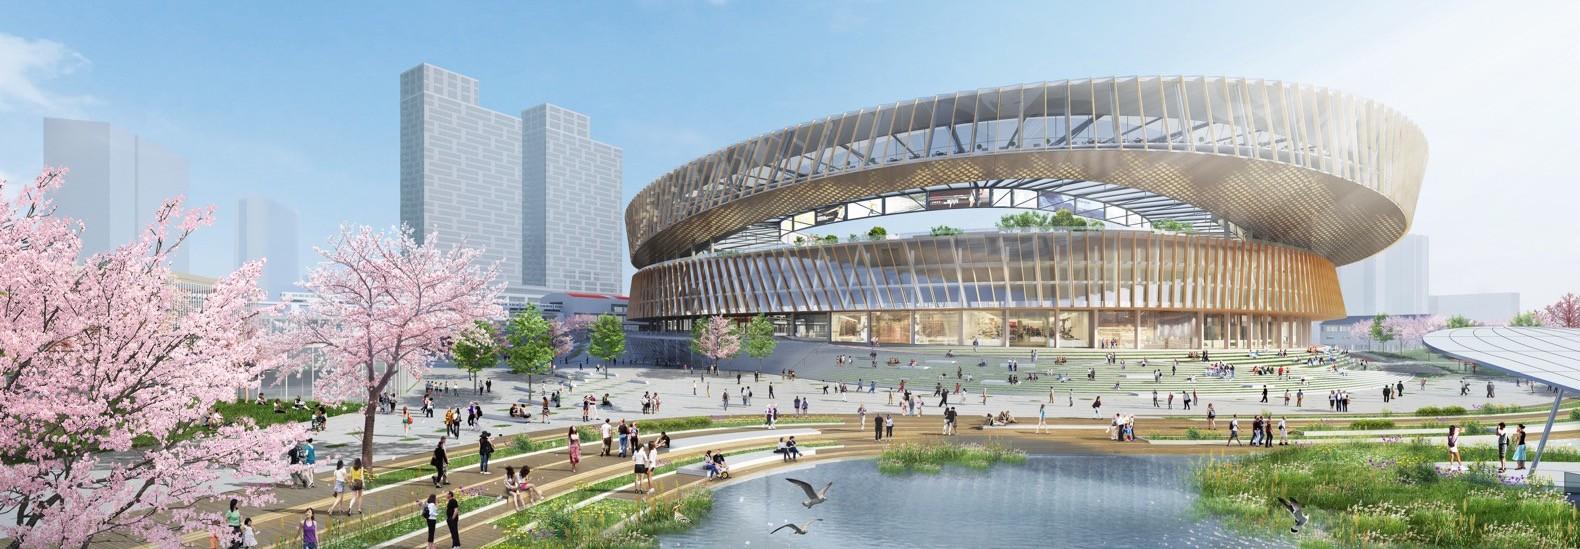 hongkou_stadium04